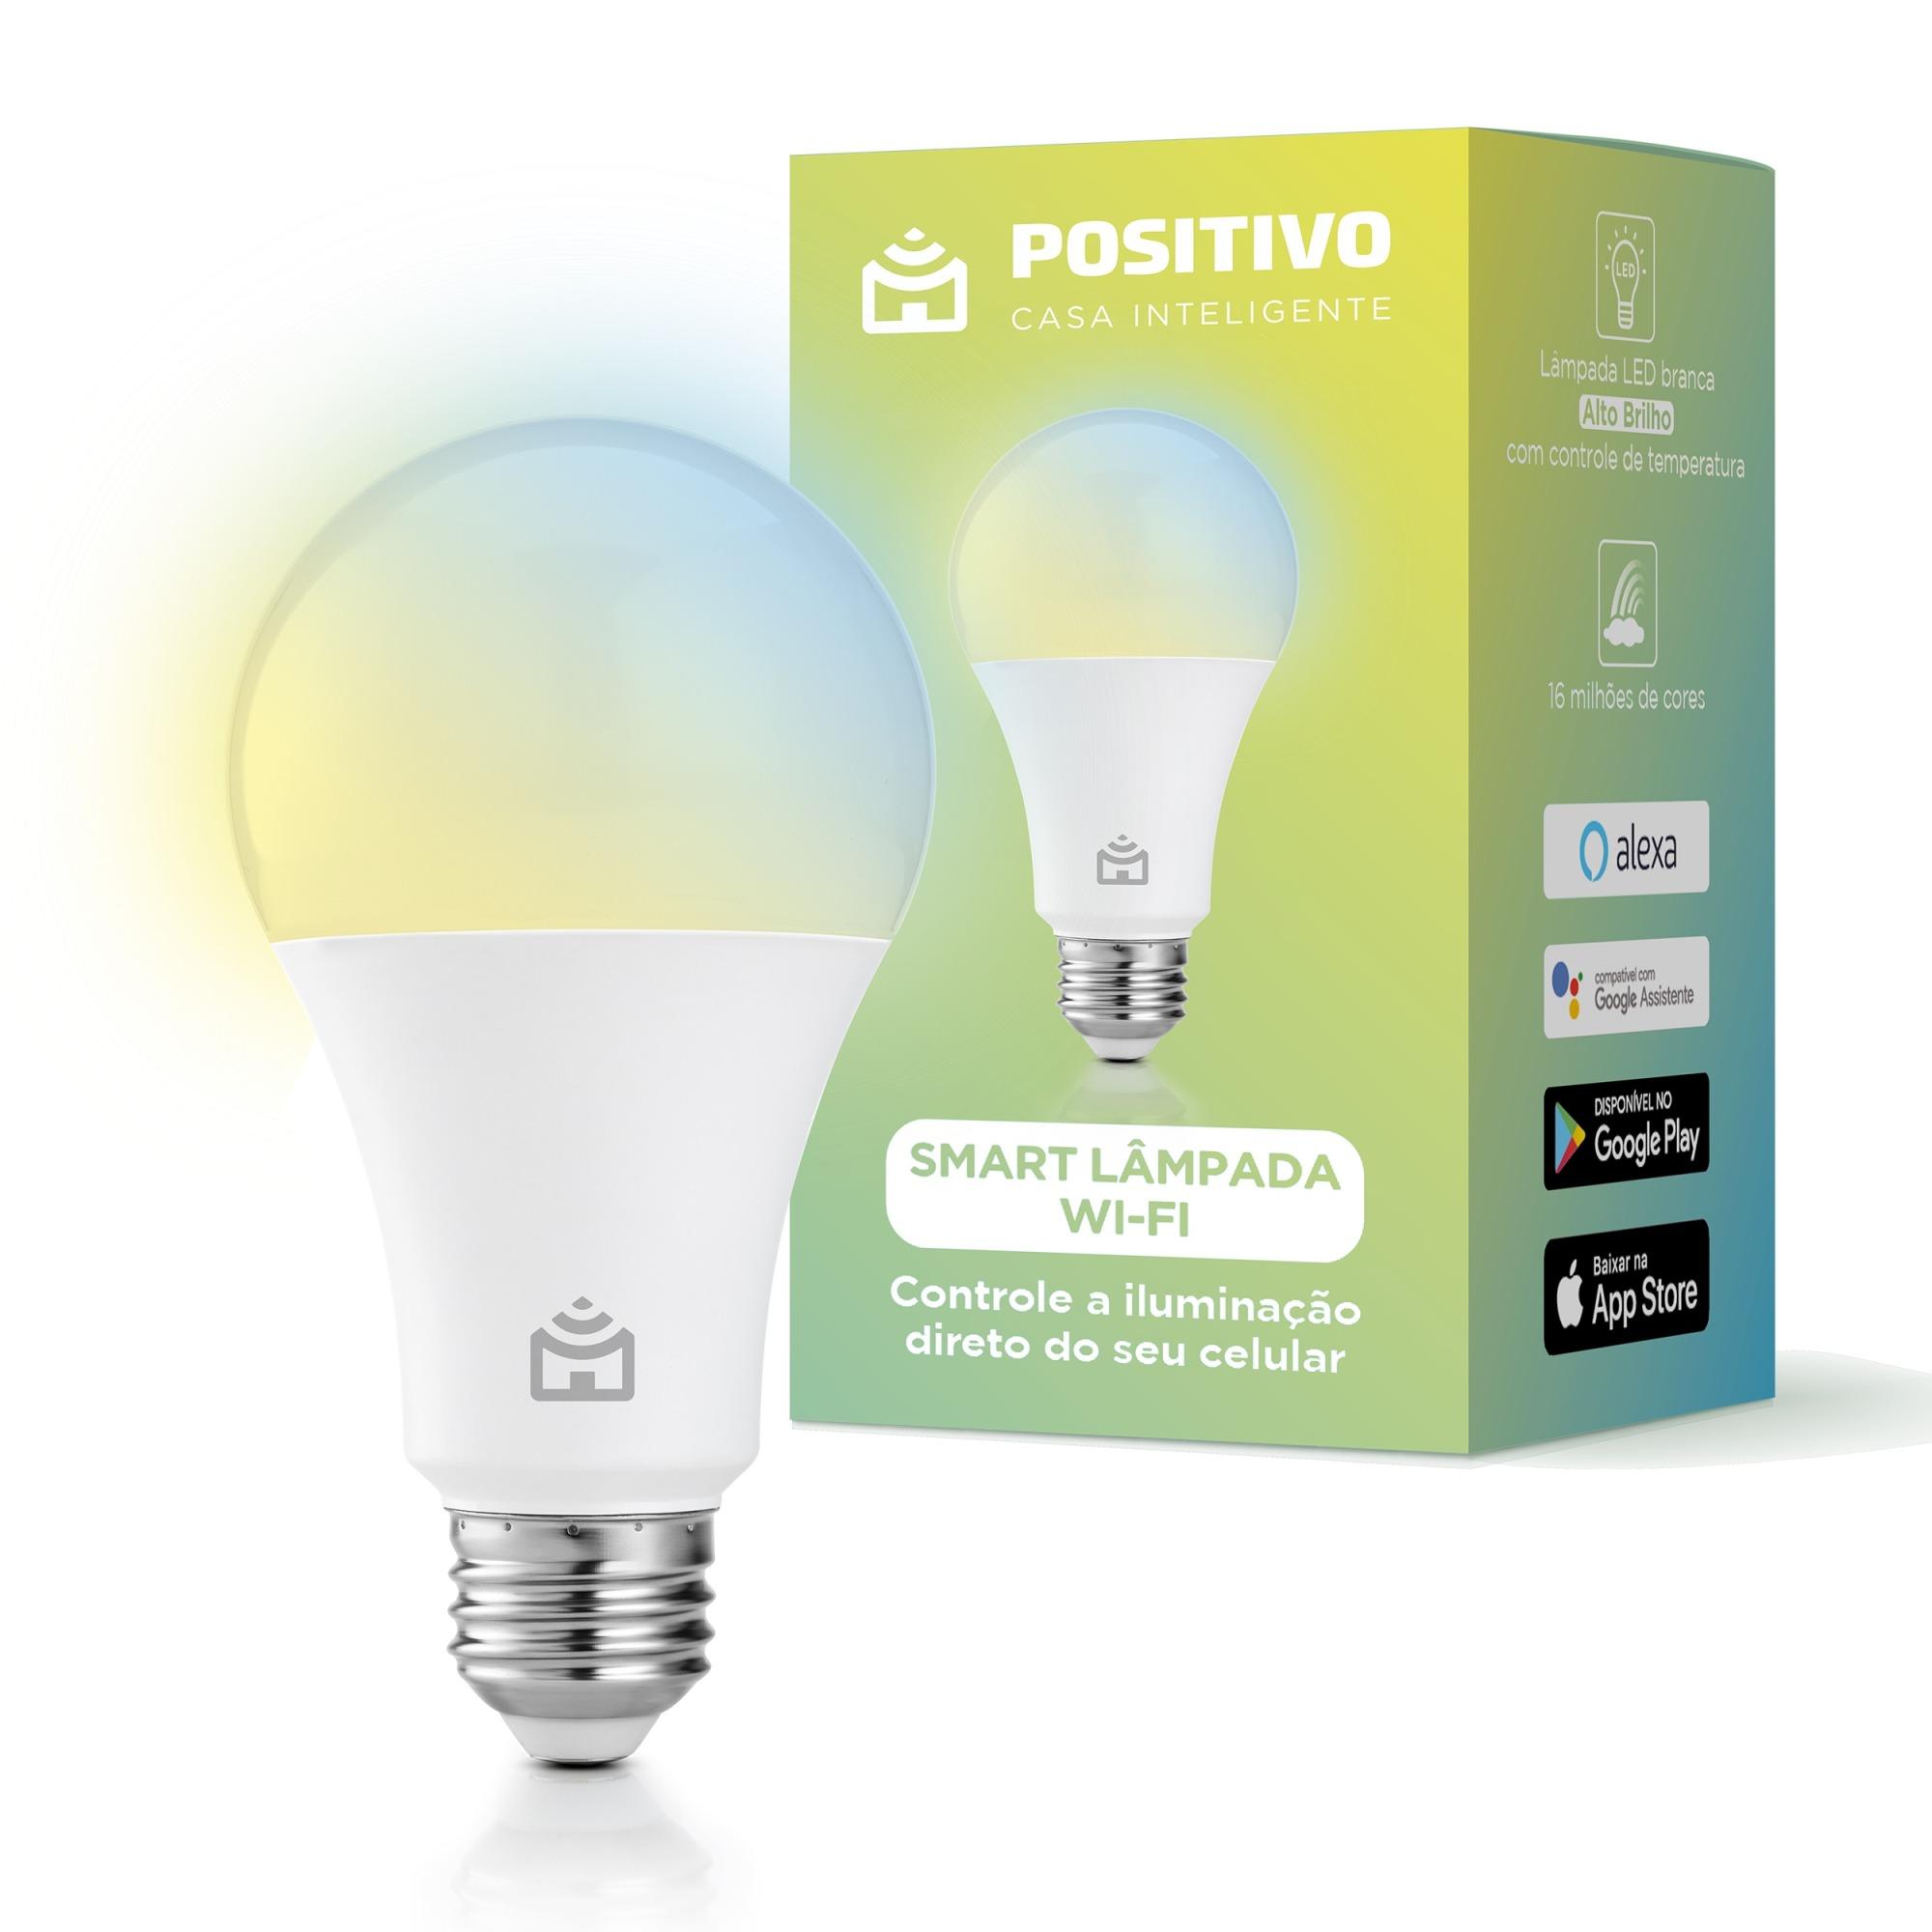 Lampada Inteligente Smart LED Wi-Fi Bulbo 9W Multicor E27 - Positivo